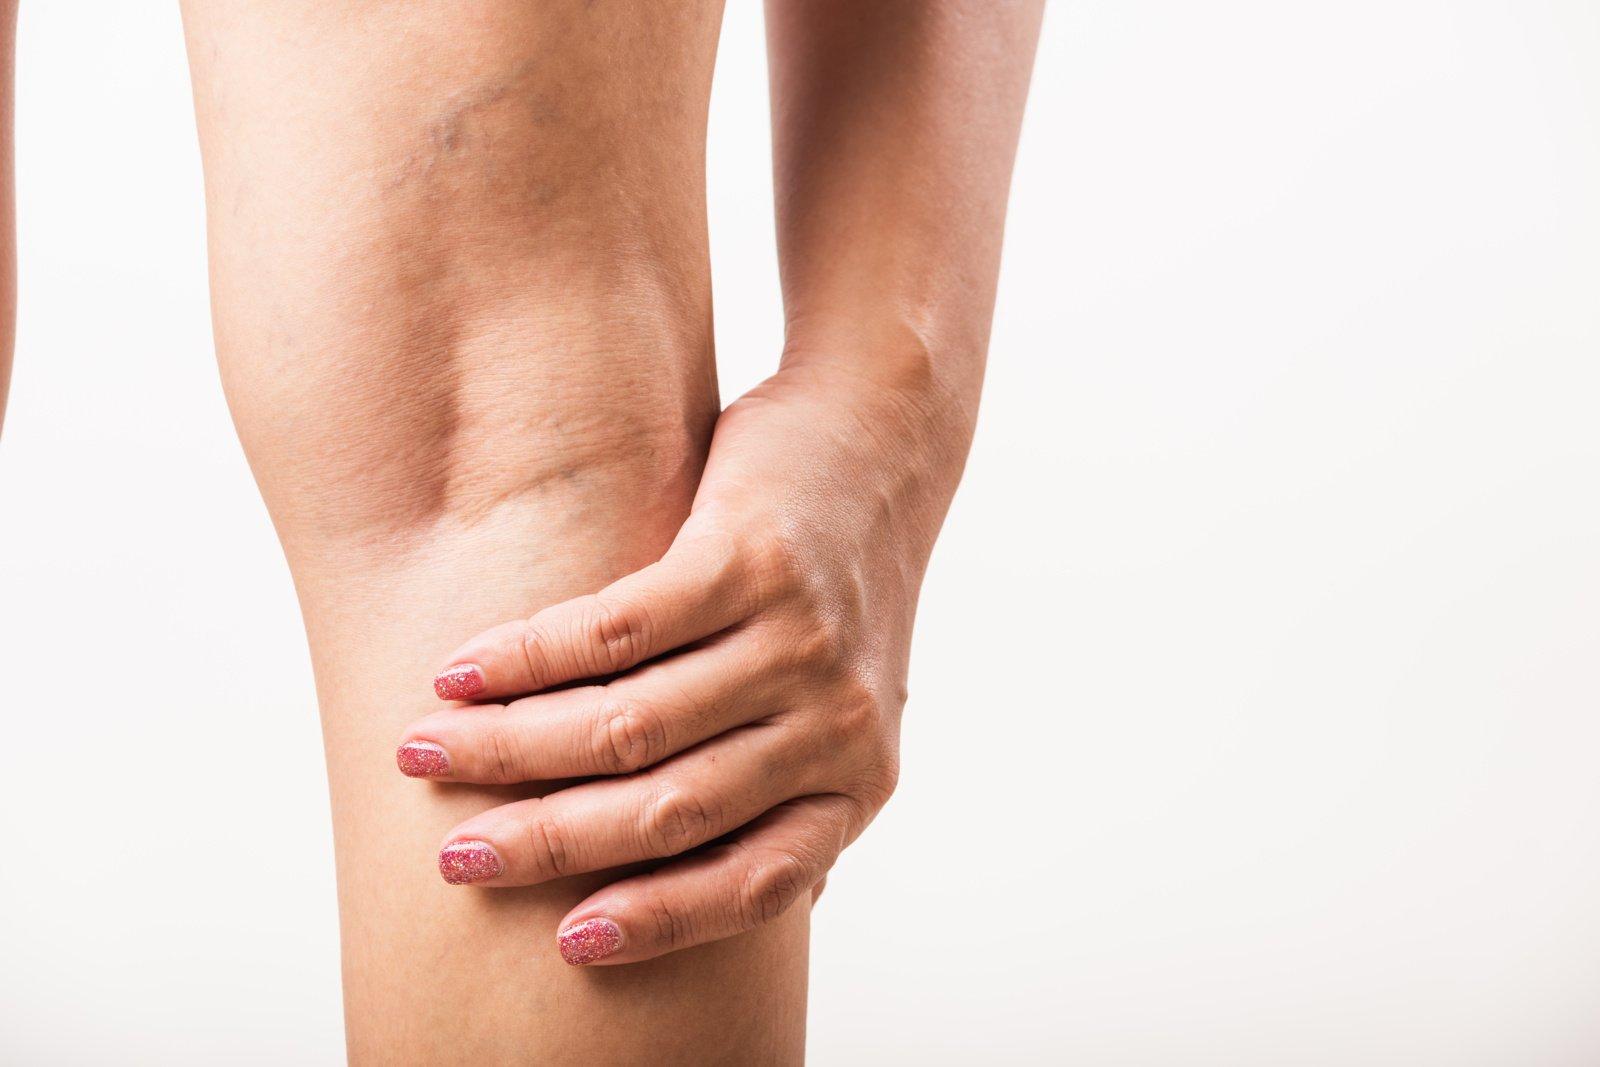 Dėmesio: šie simptomai praneša apie rimtą pavojų sveikatai